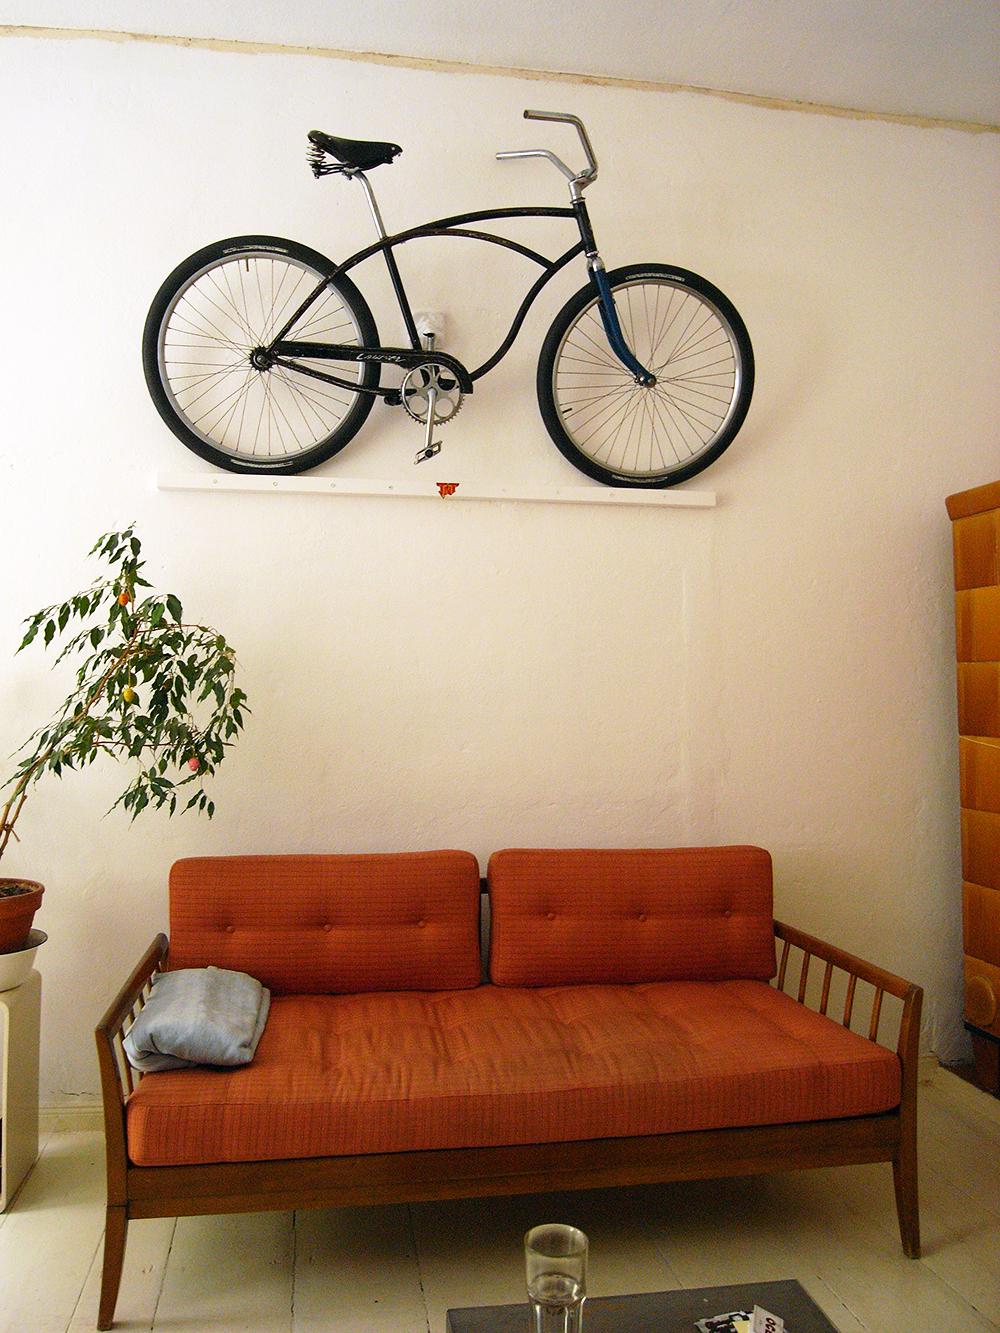 fahrrad speichen entrosten ersatzteile zu dem fahrrad. Black Bedroom Furniture Sets. Home Design Ideas